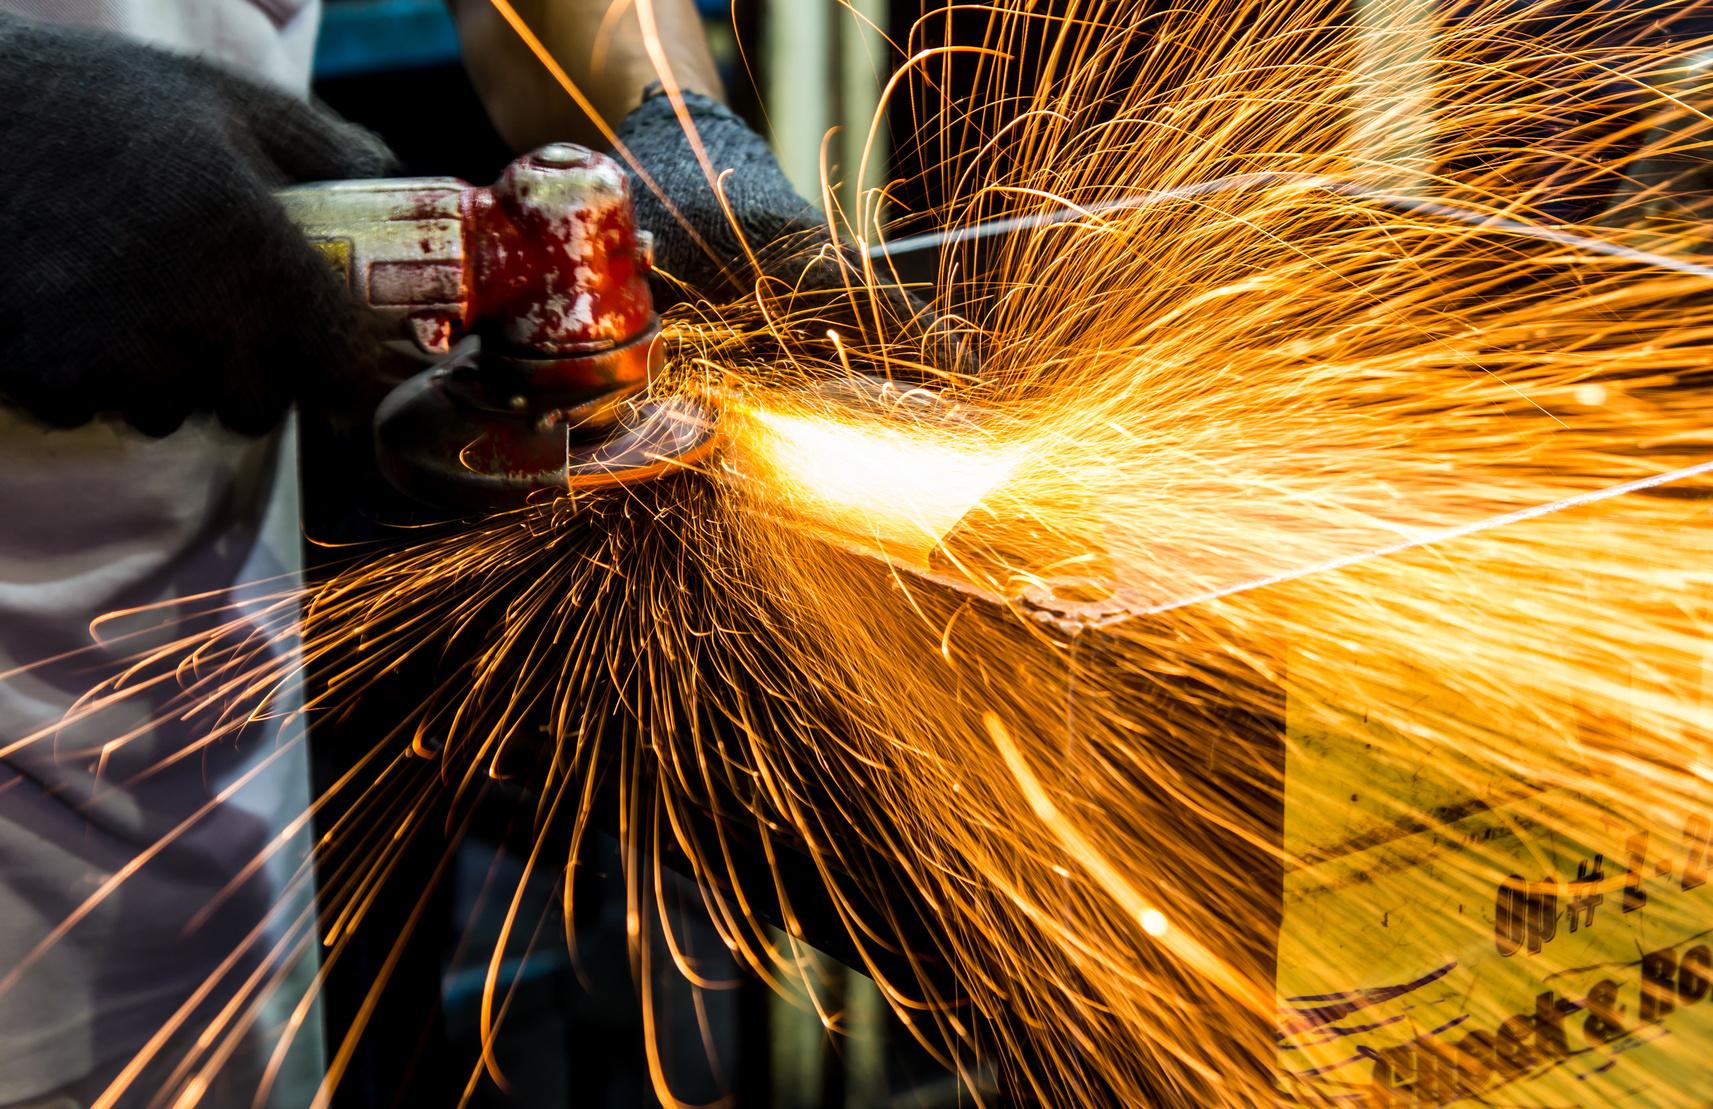 Varmt arbejde - brandforanstaltninger ved gnistproducerende værktøj - Førstehjælp for dig